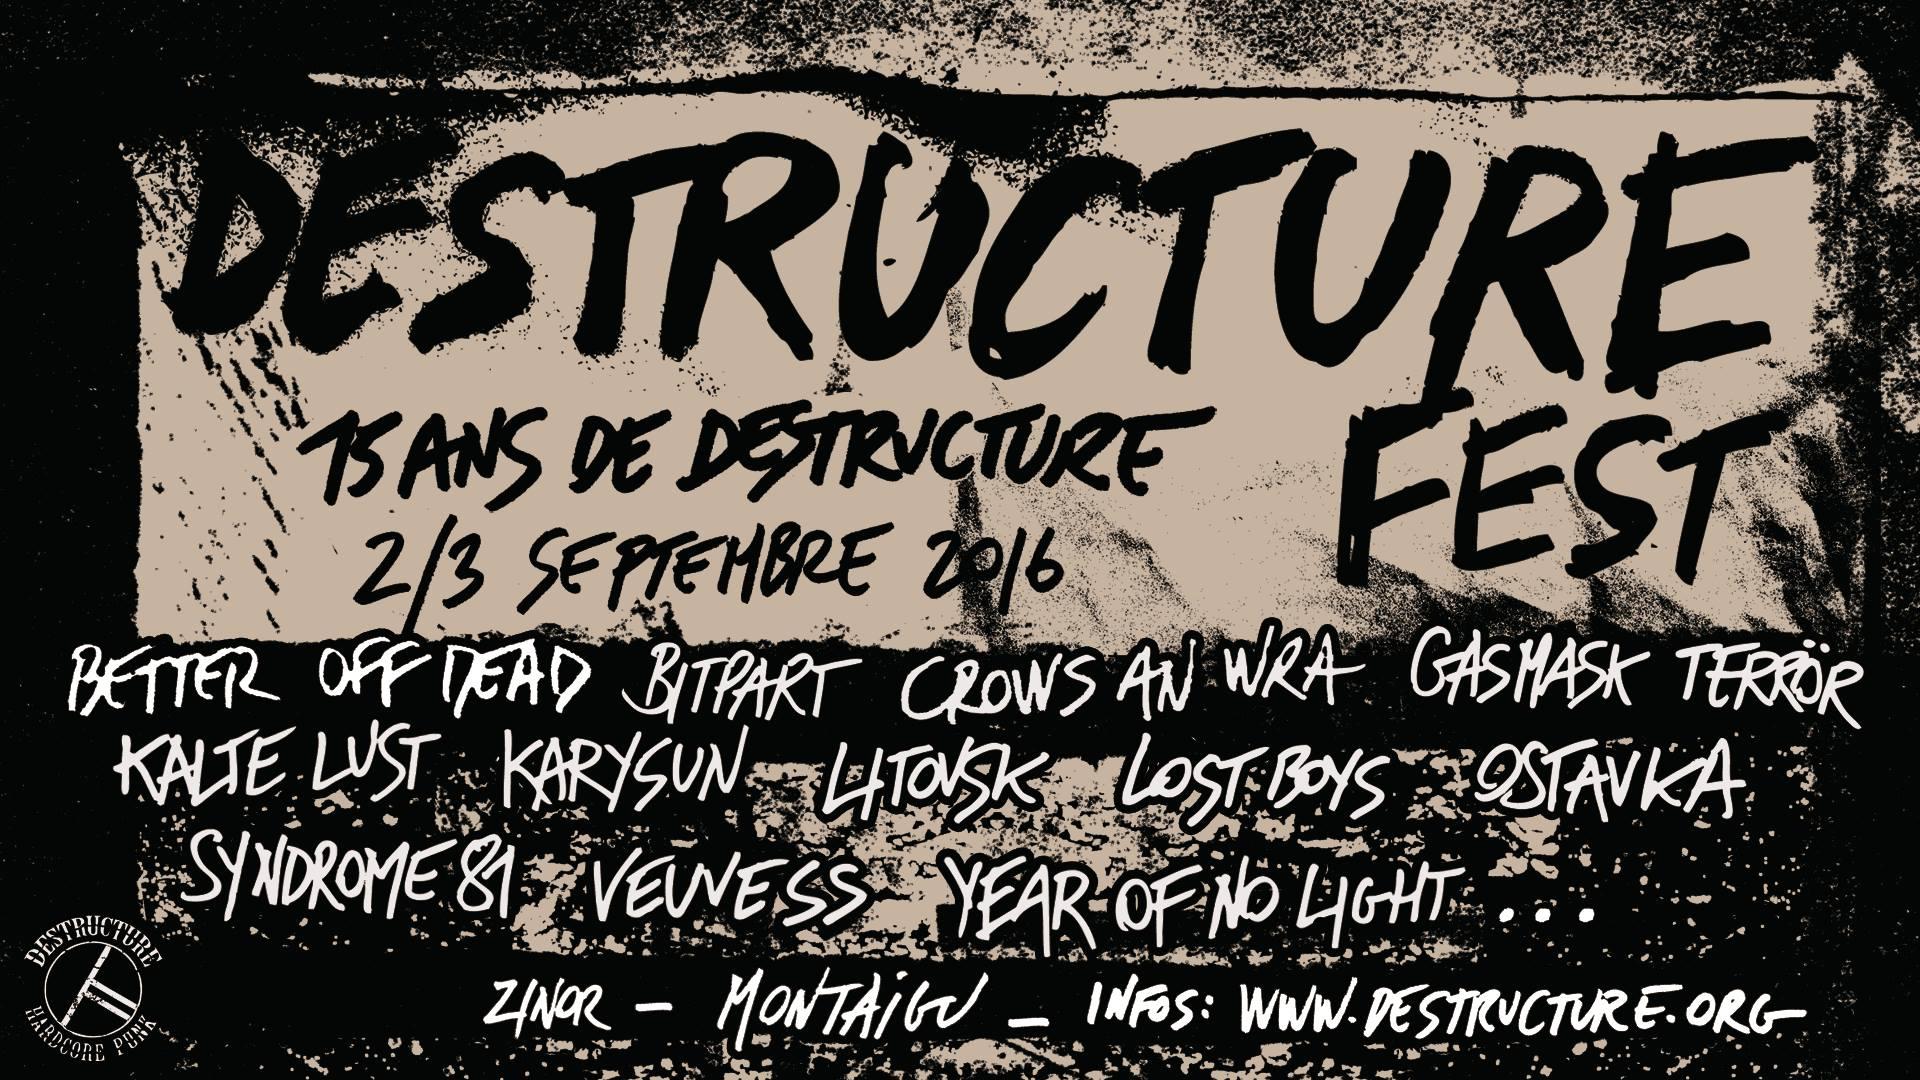 DESTRUCTURE 02 & 03 09 2016